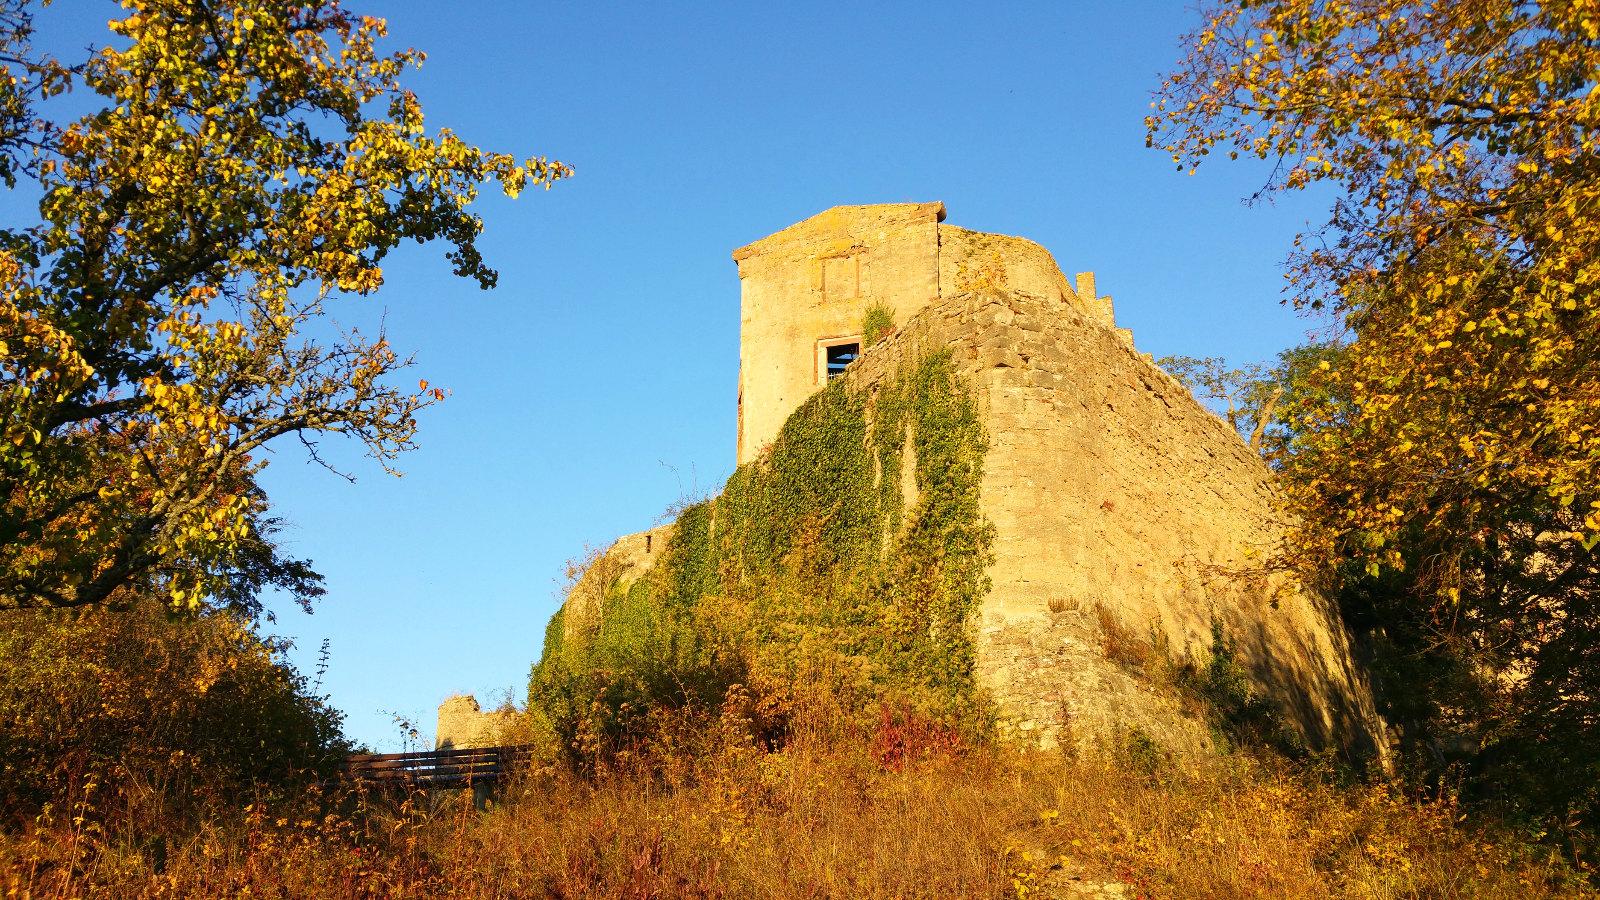 alte Burgen und Ruinen gibt es zu bestaunen